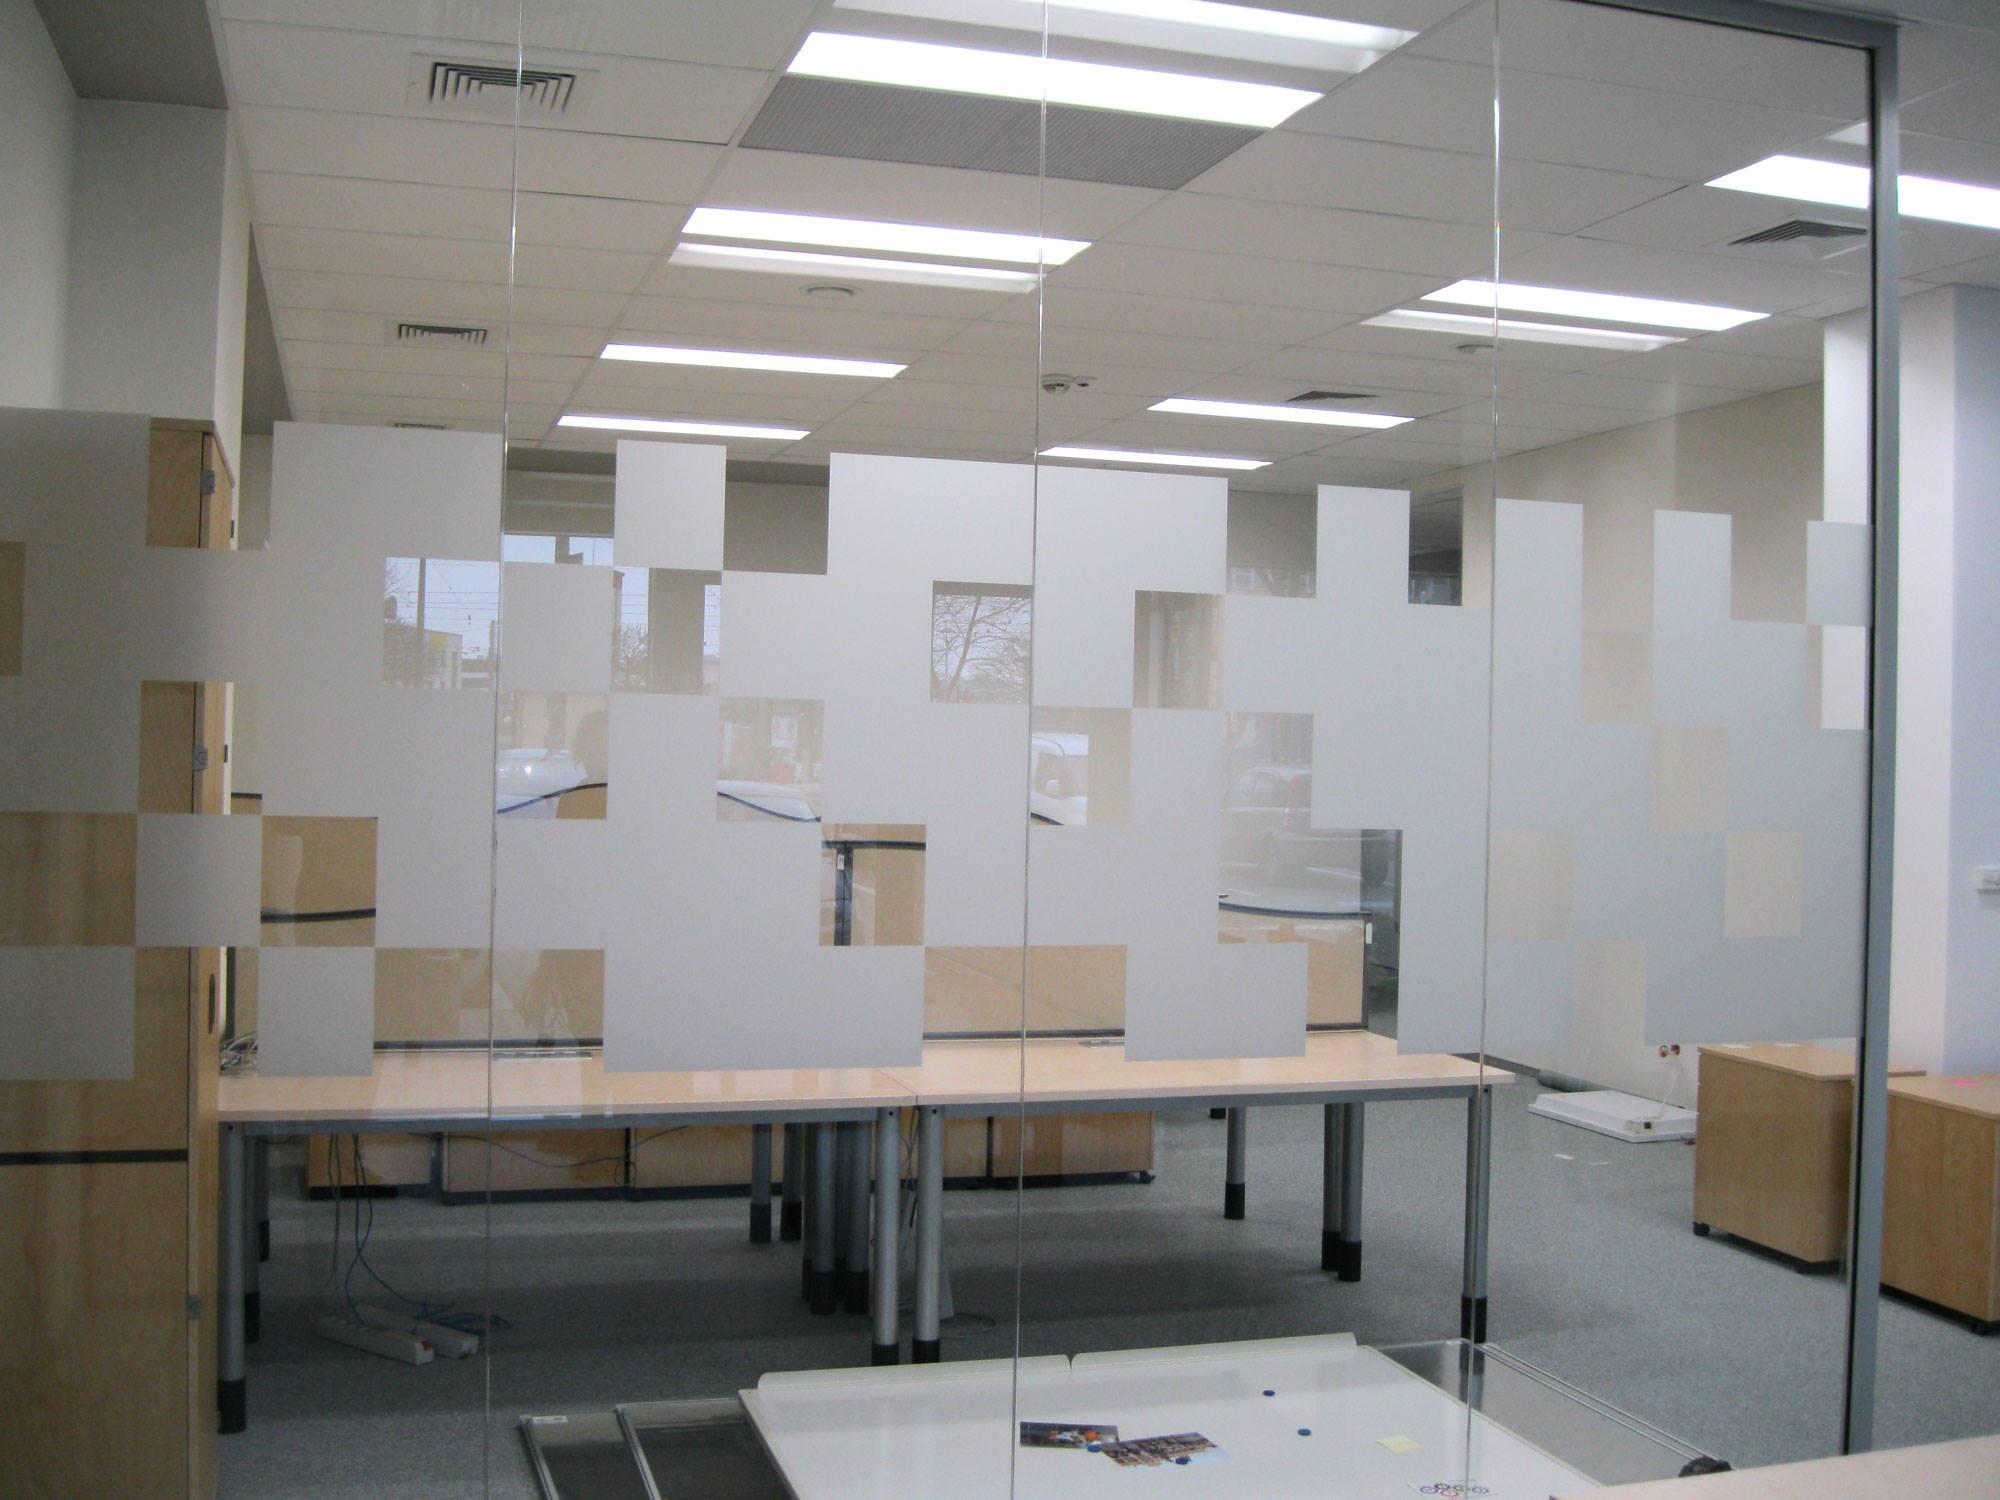 wyklejanie w biurach folia mrożona krakow